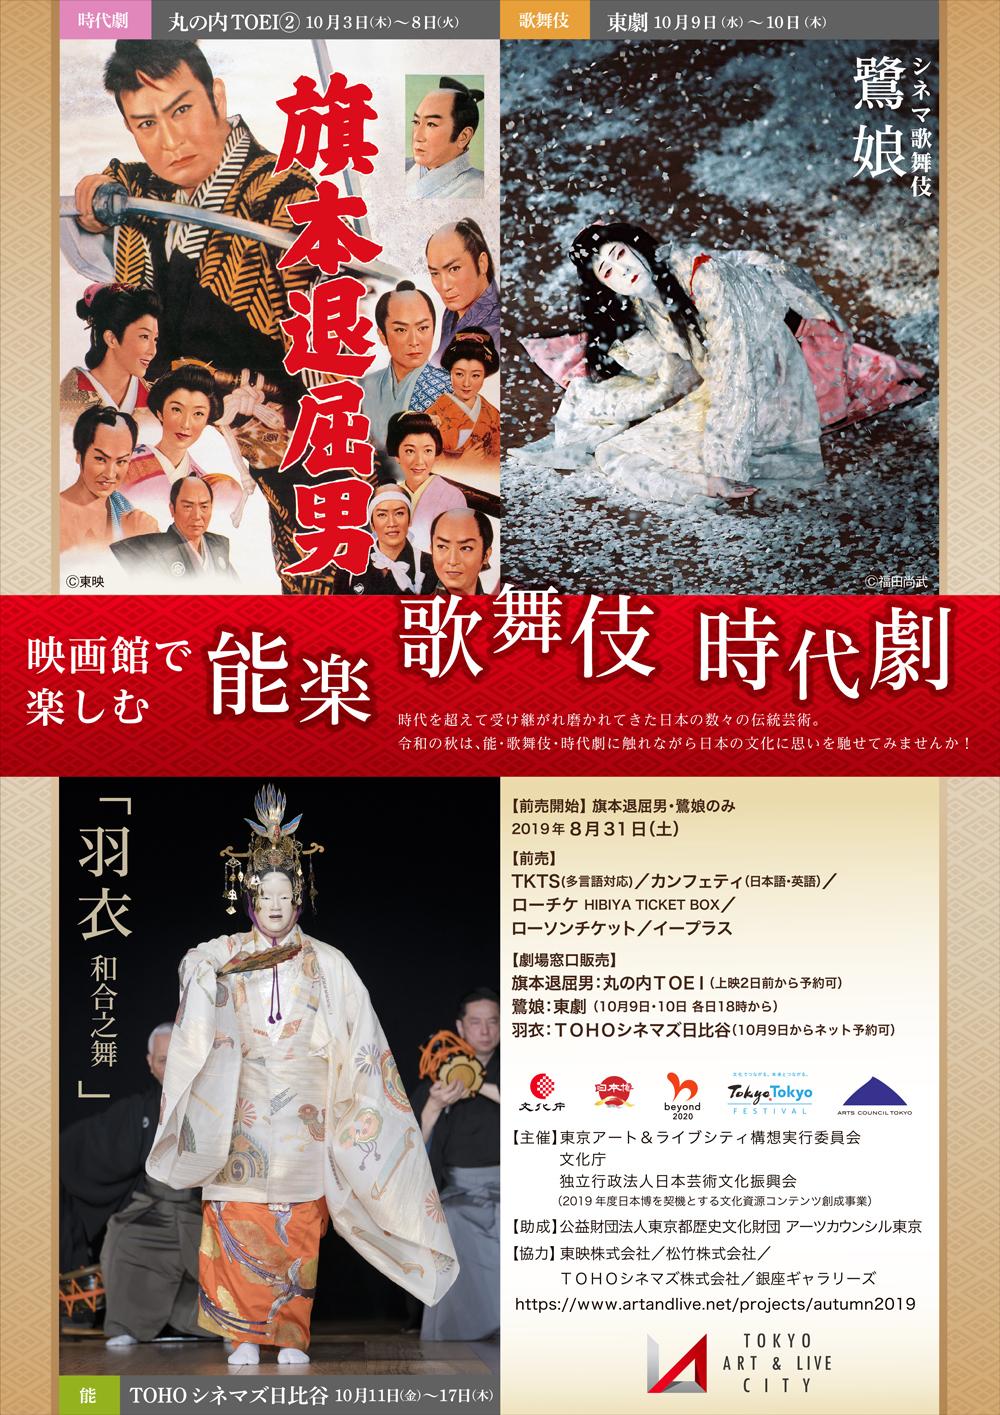 シネマ歌舞伎『鷺娘』英語字幕付き上映のお知らせ